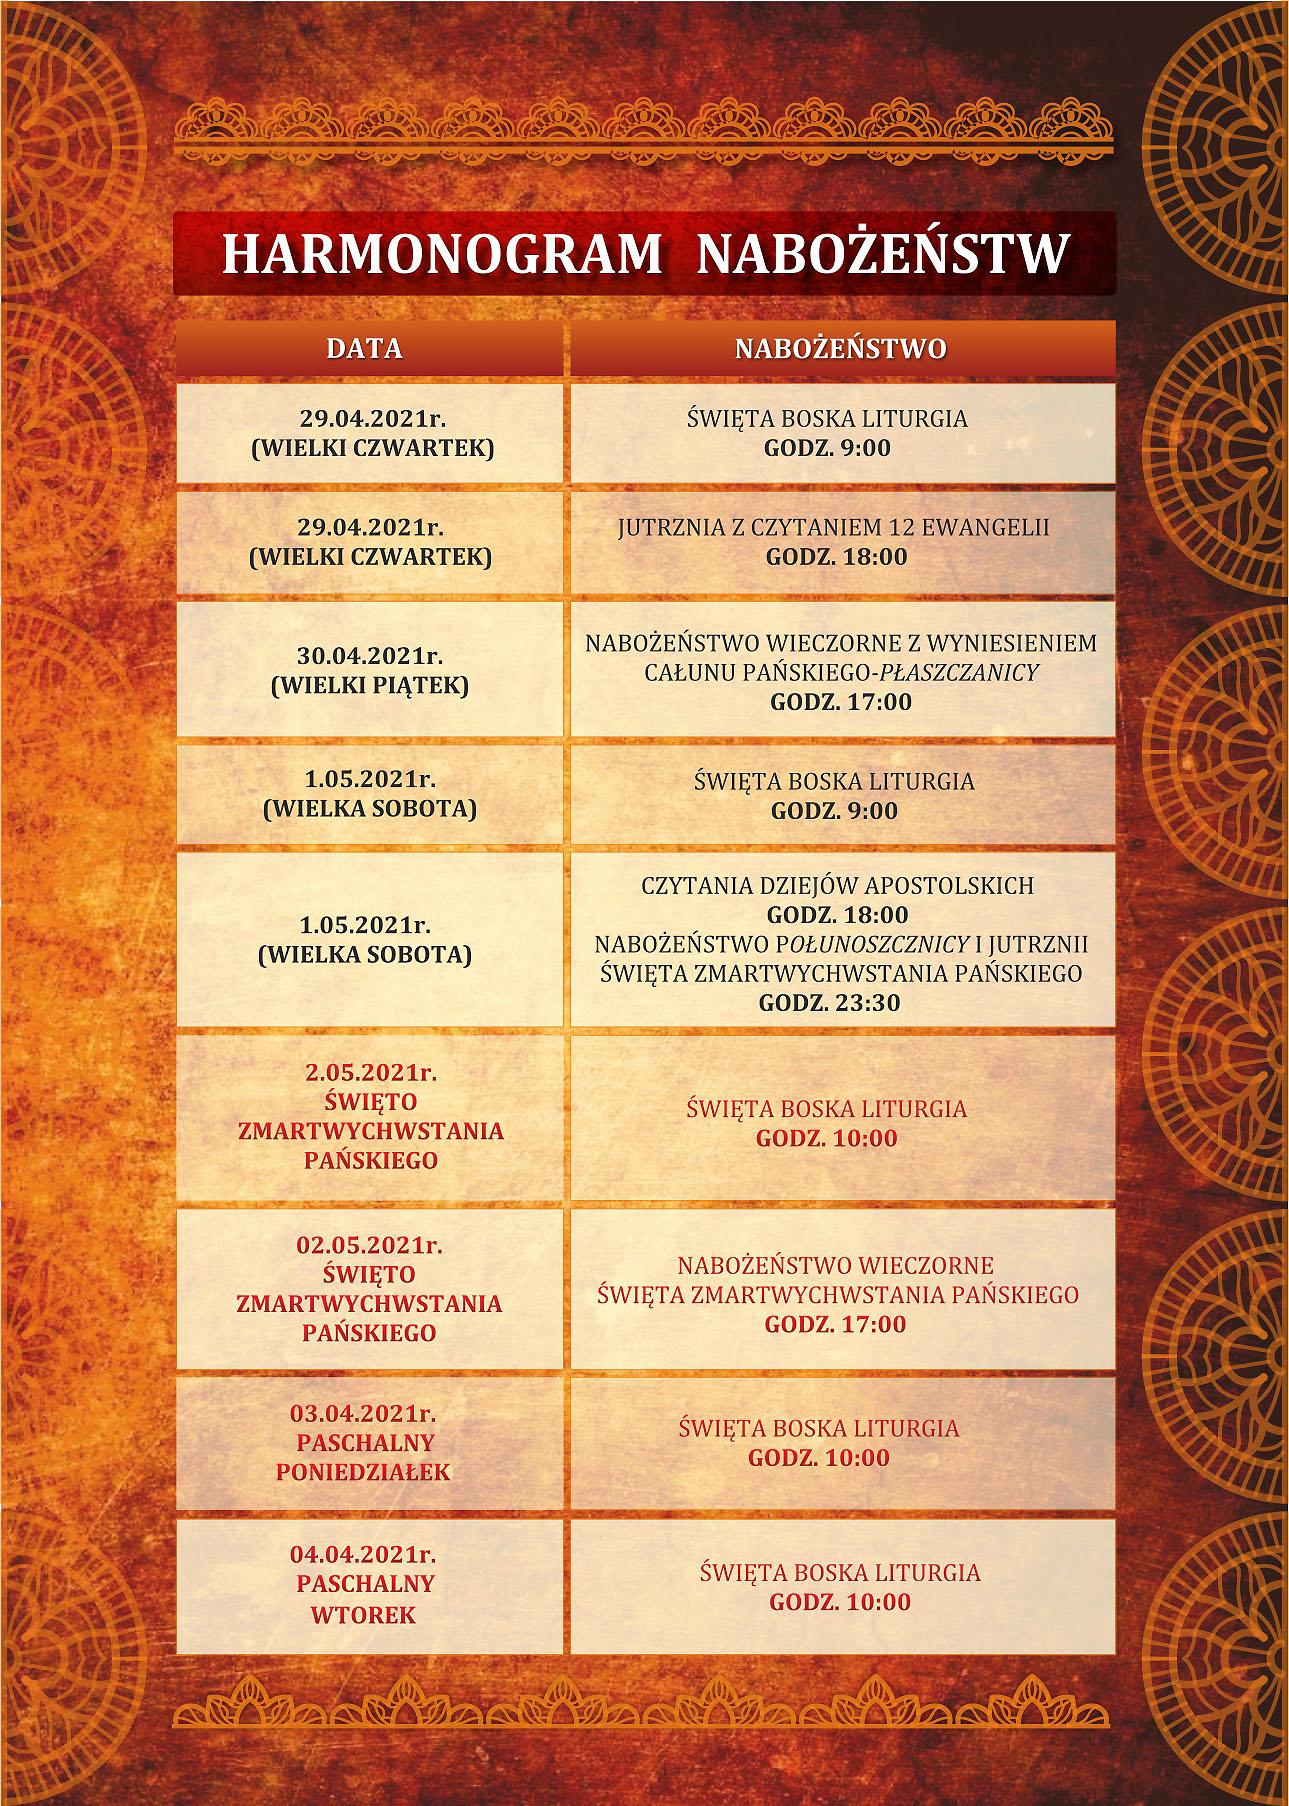 Harmonogram nabożeństw w Parafii Prawosławnej Św. Trójcy w Lubinie